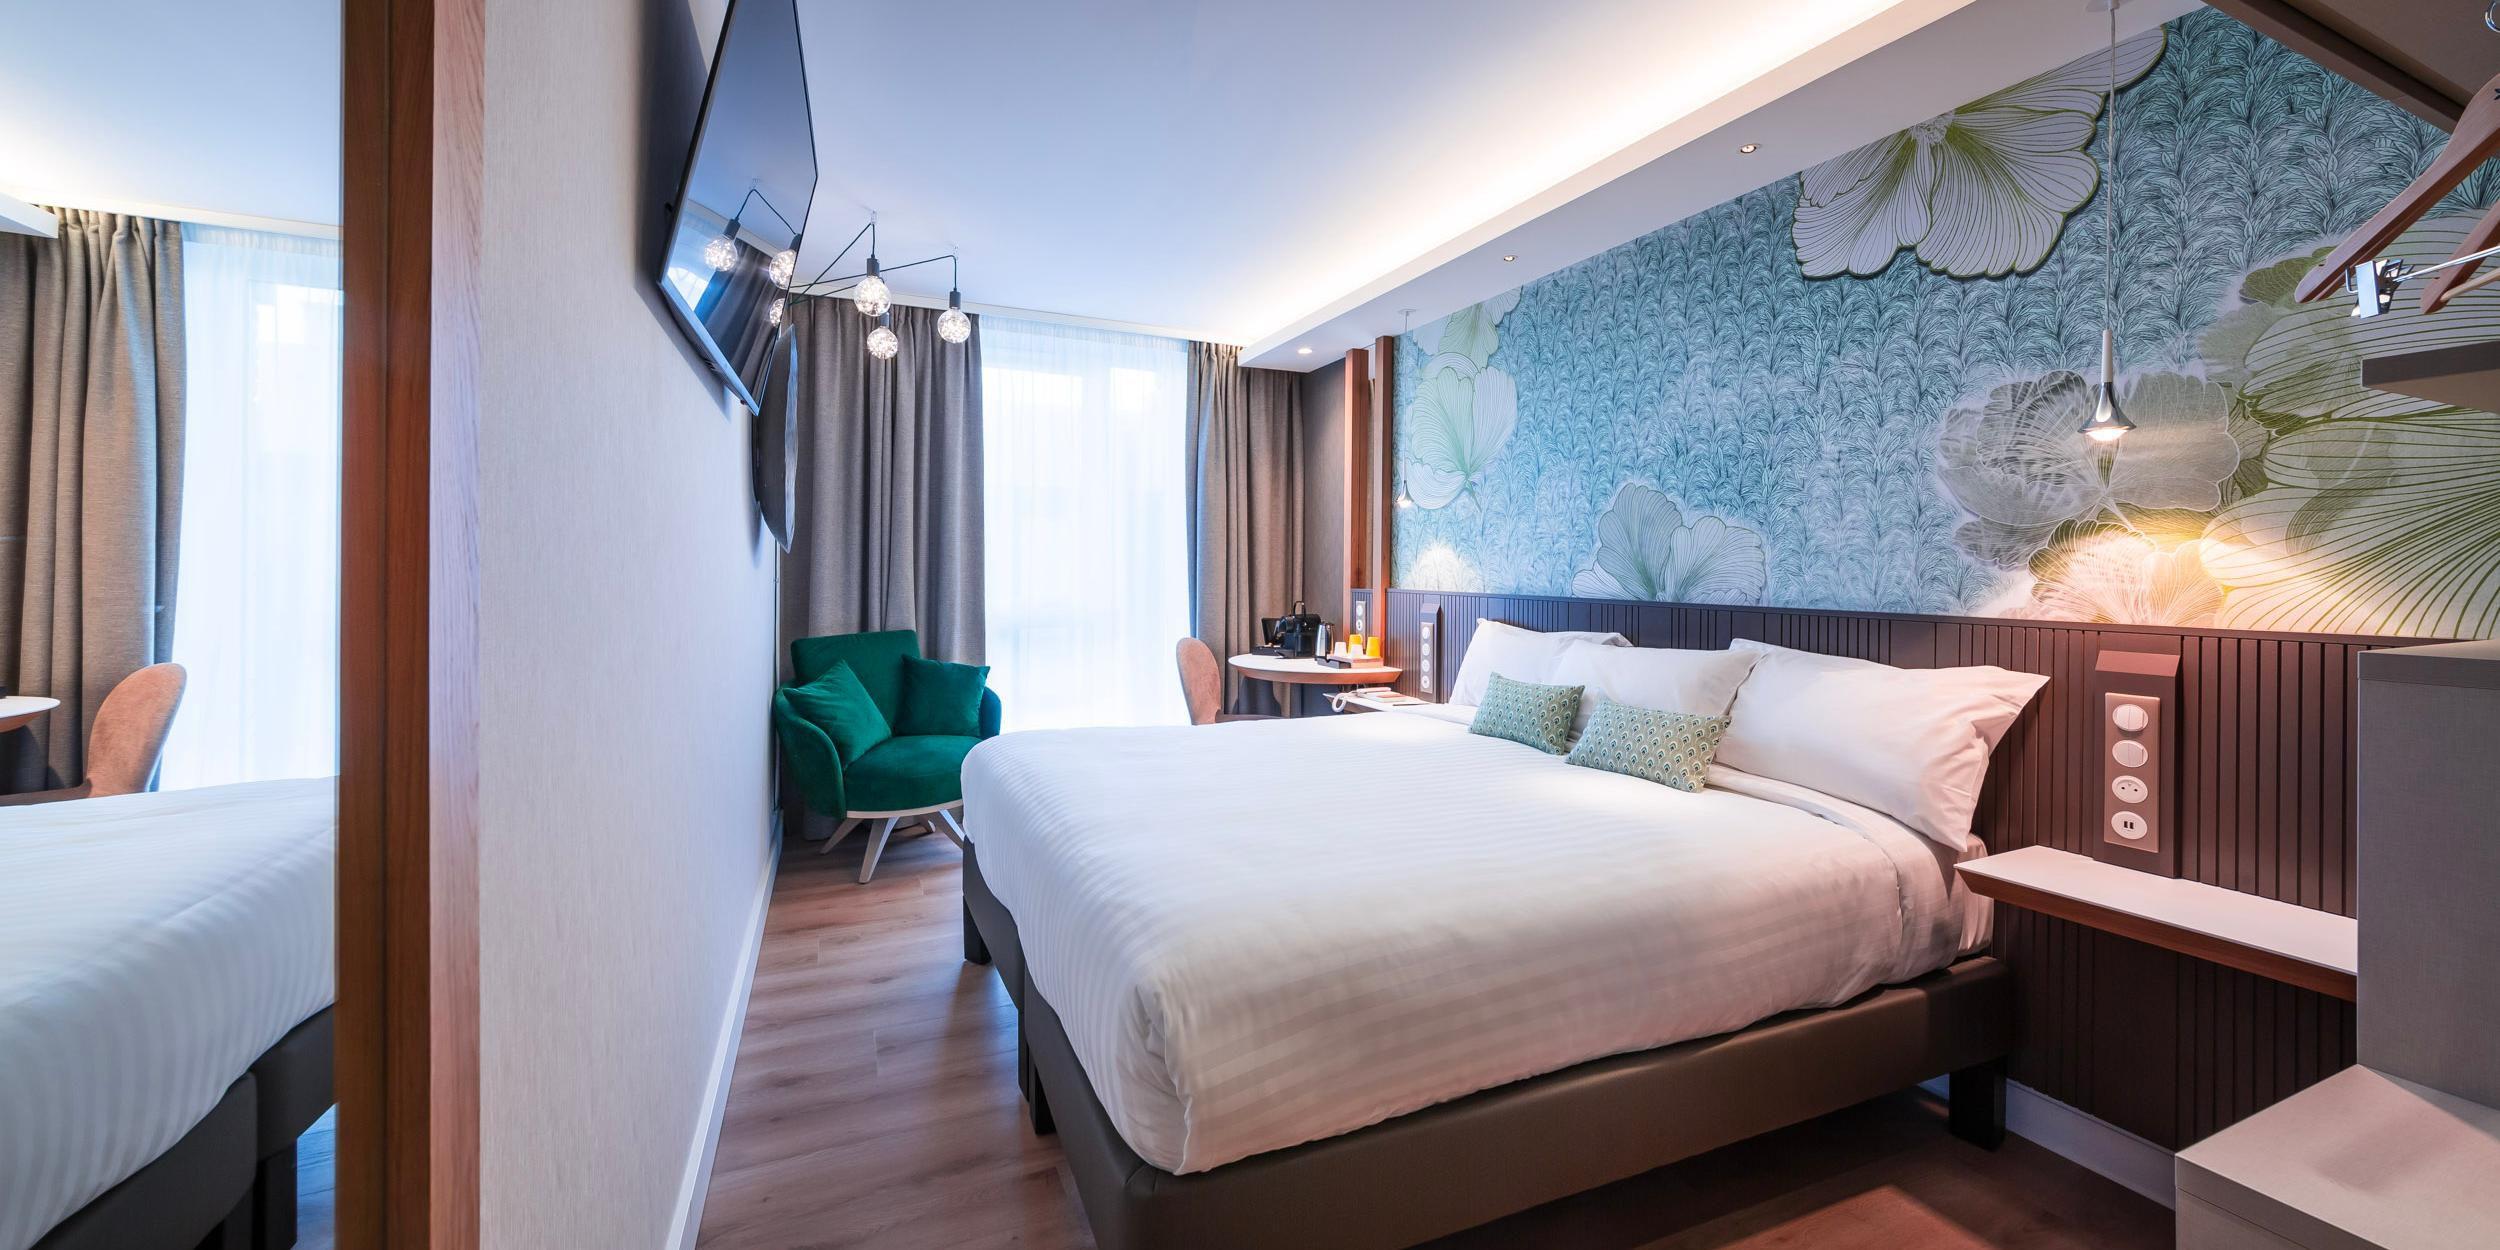 1 Queen bed Standard Room